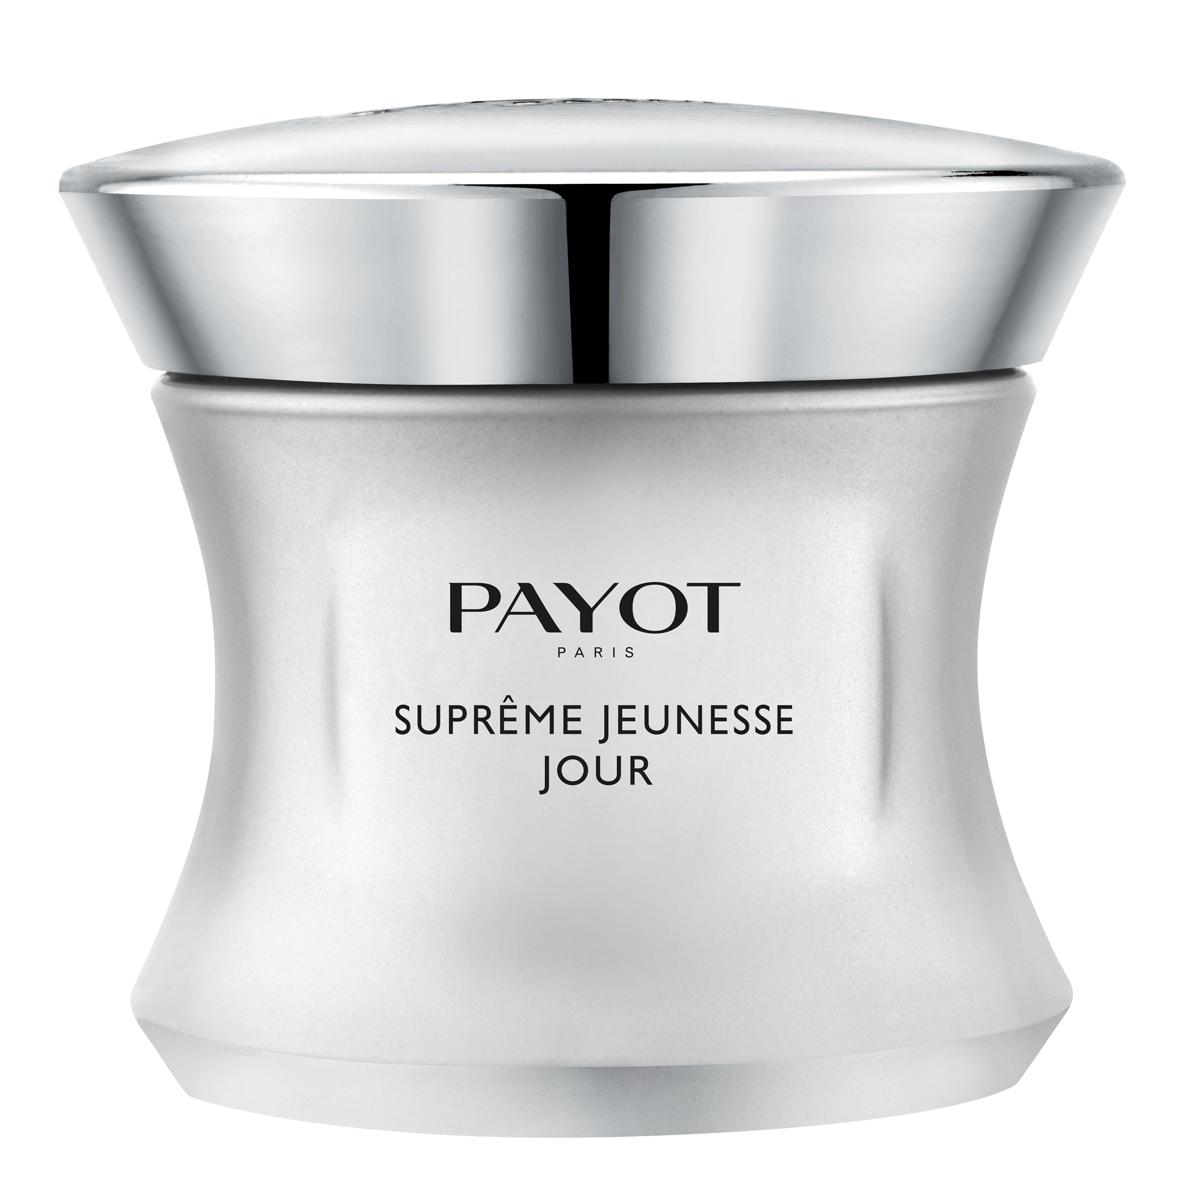 Payot Supreme Jeunesse Дневной крем с непревзойденным омолаживающим эффектом, 50 мл кремы payot крем для глаз payot supreme jeunesse с омолаживающим эффектом 15 мл